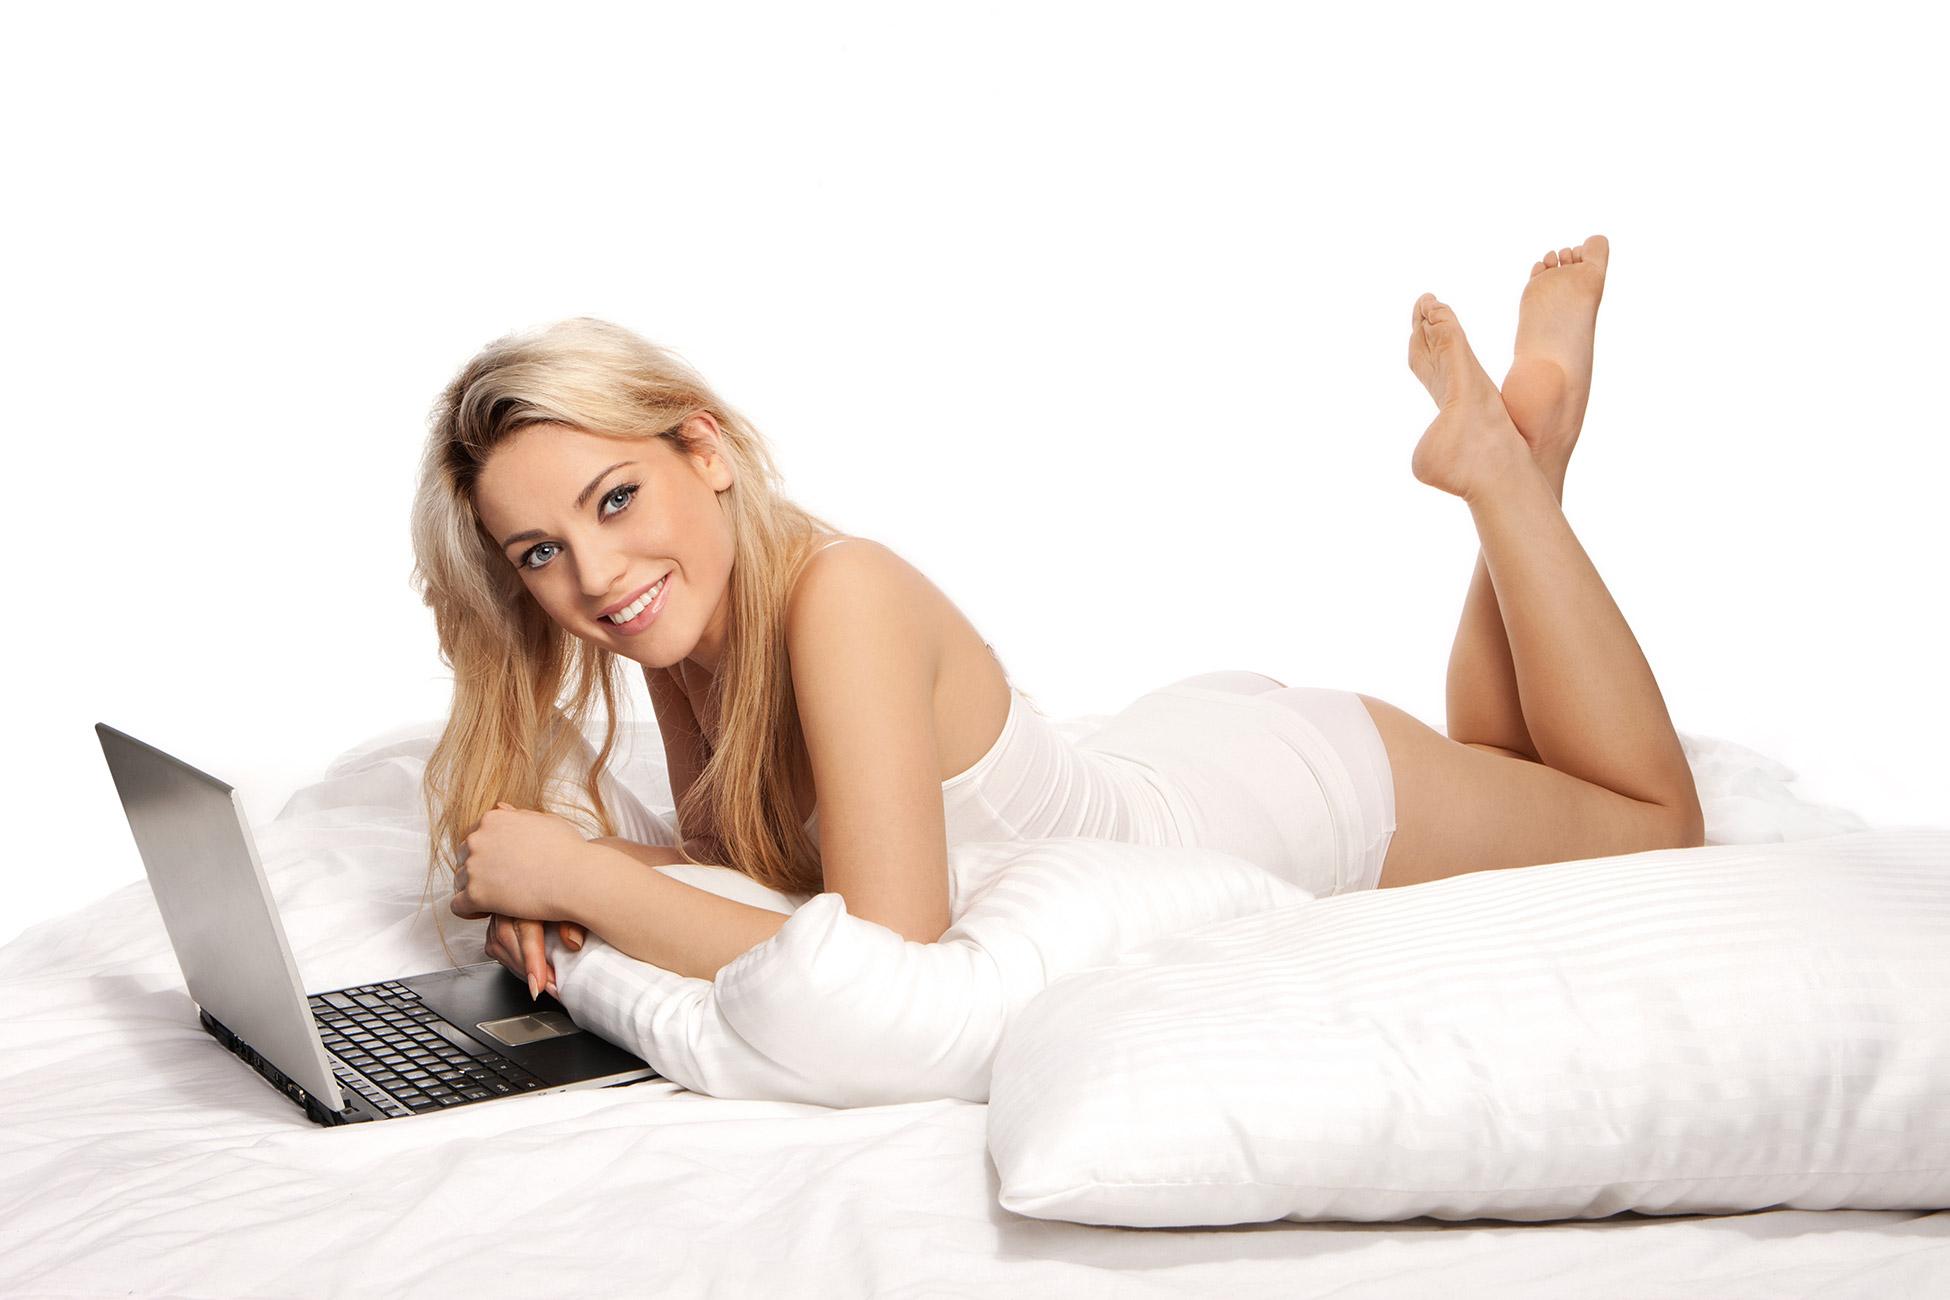 Порно вирт чат для женщин лучшее порно